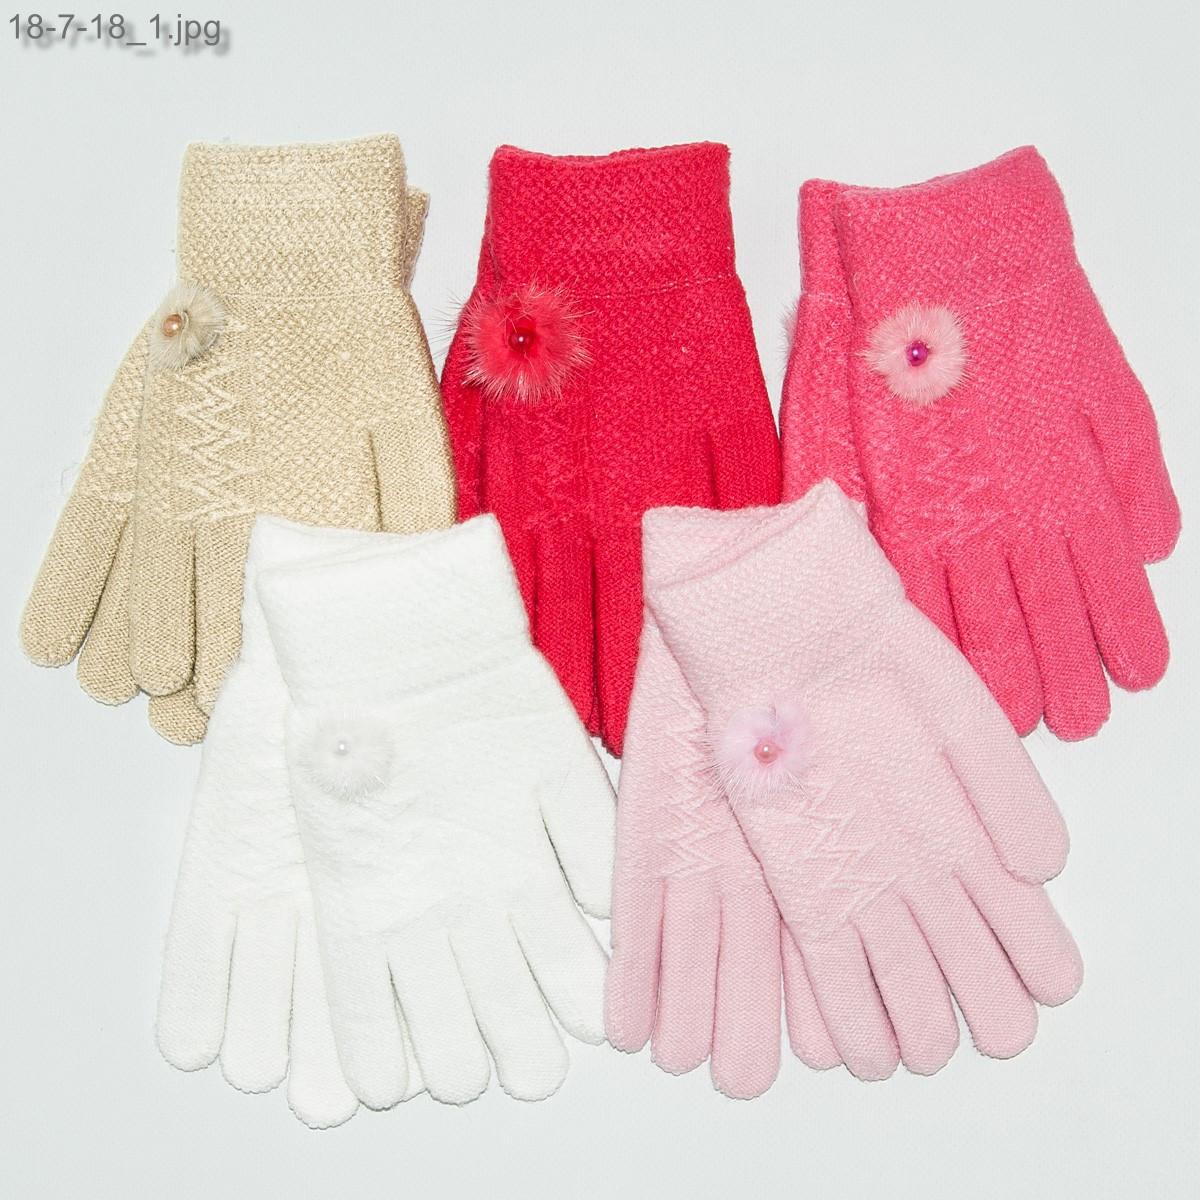 Детские двойные перчатки на девочек 6-9 лет - №18-7-18